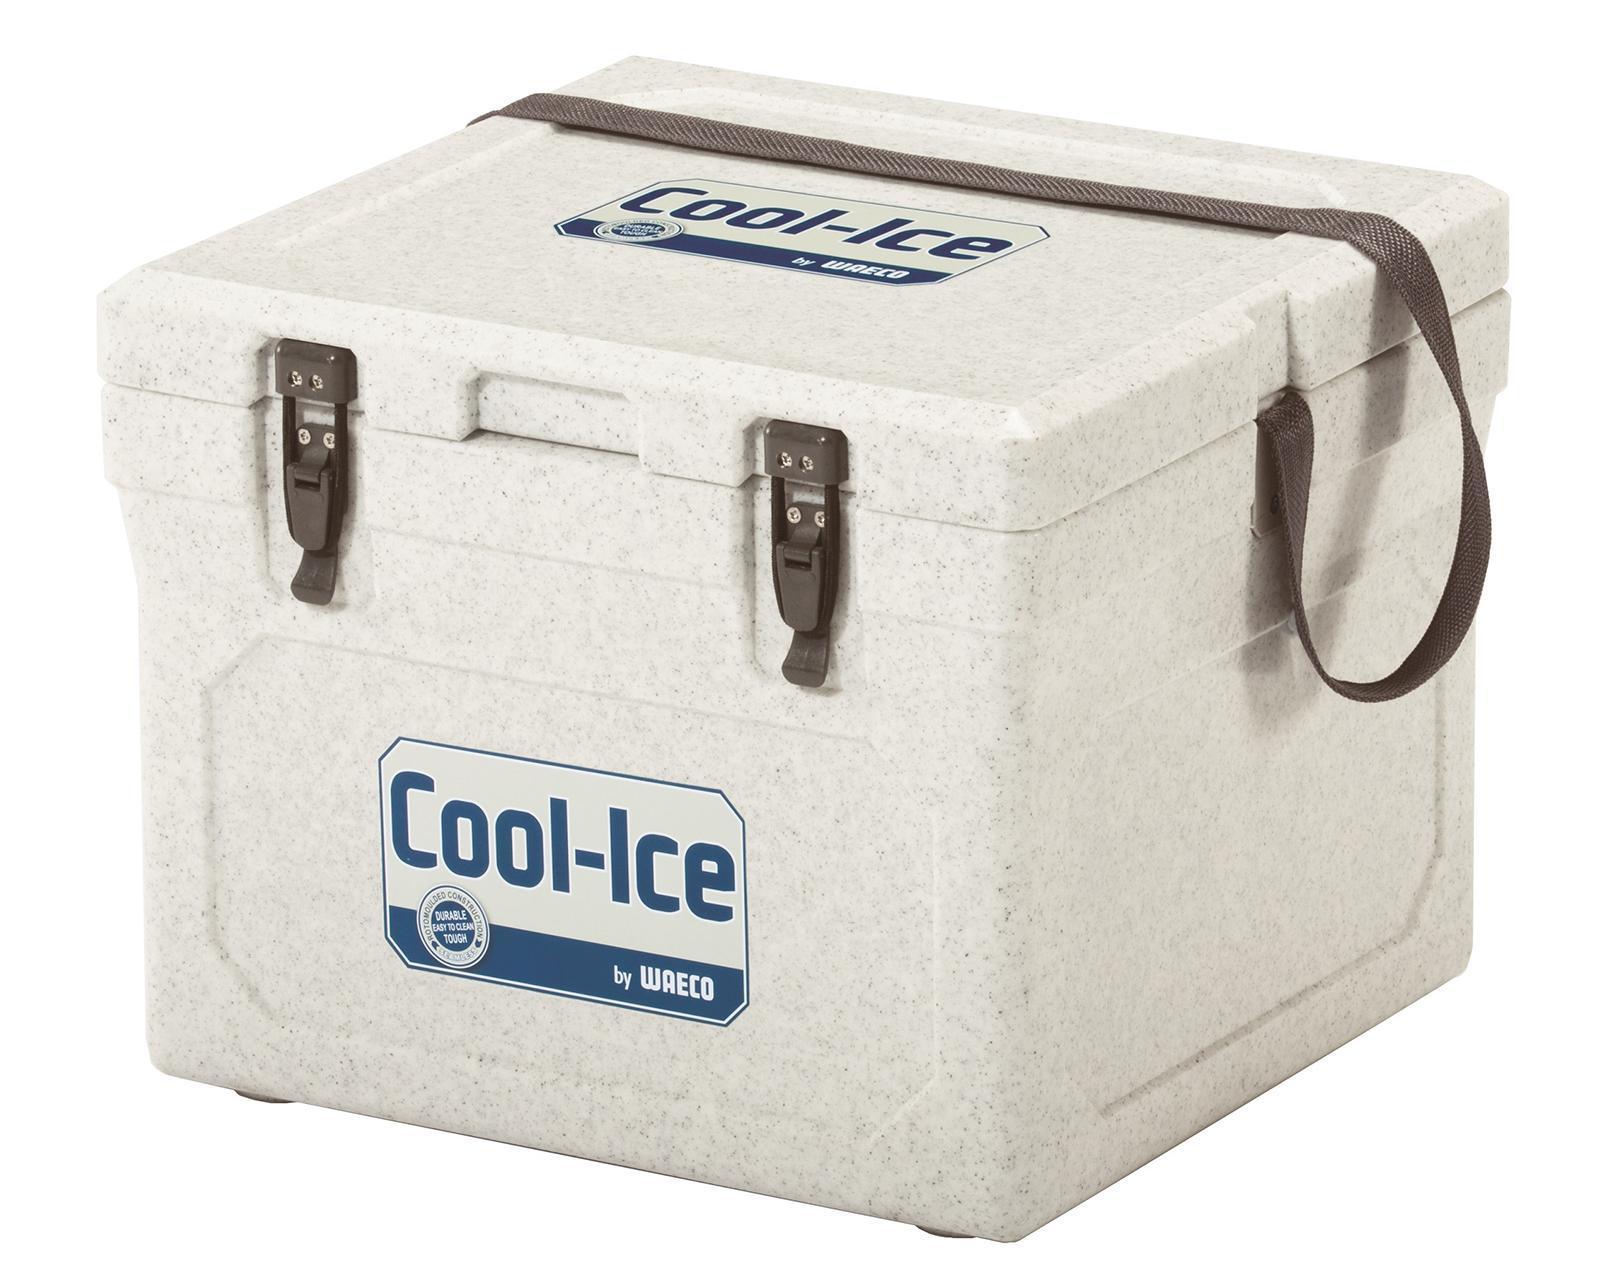 WAECO Cool-Ice WCI-22 изотермический контейнер, 22 л - WaecoWCI-22Термобокс WAECO Cool Ice WCI 22 имеет особое лабиринтное уплотнение, которое не дает попадать теплому воздуху во внутрь. Эта система LABYRINTH SEAL - которая дает возможность сохранять необходимую температуру дольше. Термобокс сделан из термостойких, гигиеничных материалов. Cool Ice WCI-22 имеет защиту от ультрафиолетового излучения, очень легко моется и оснащен надежными защелками, петли сделаны из нержавеющей стали. Для удобства в транспортировке, предусмотрен ремень. Также предусмотрено отверстие для слива конденсата в корпусе. Вес термобокса, всего 4,2 кг.